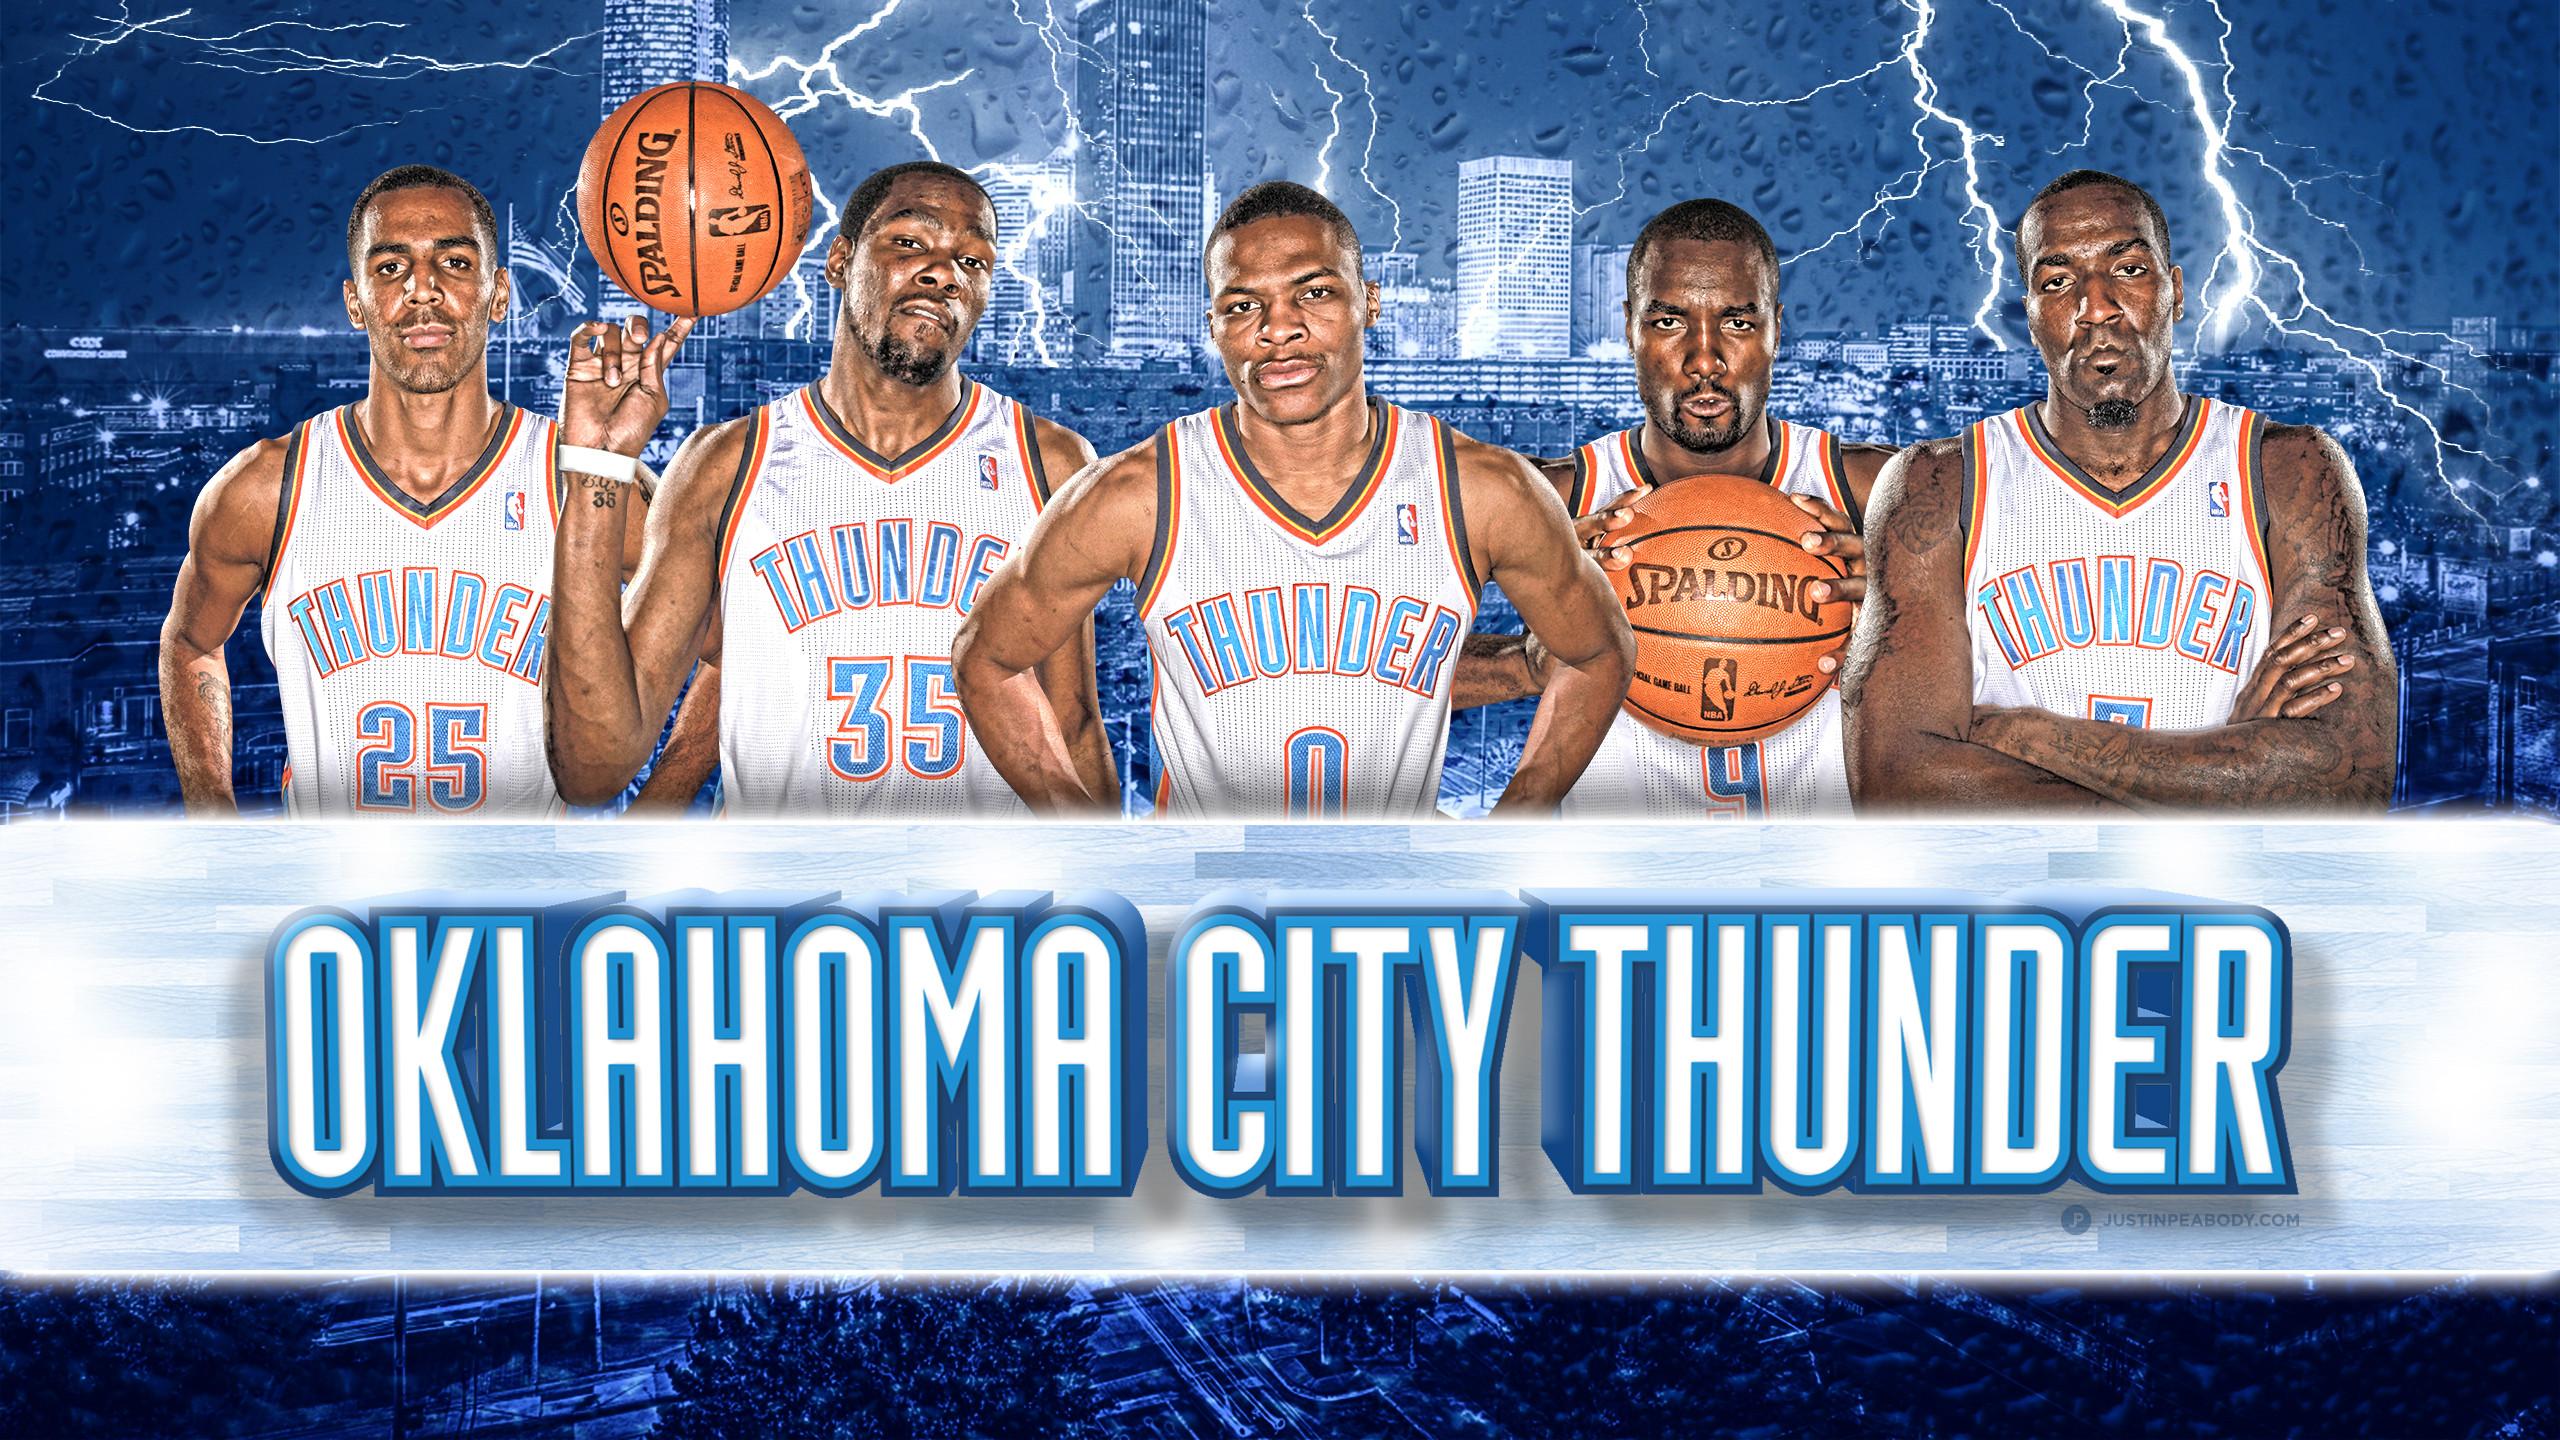 Oklahoma City Thunder Wallpaper 2014 2560x1440